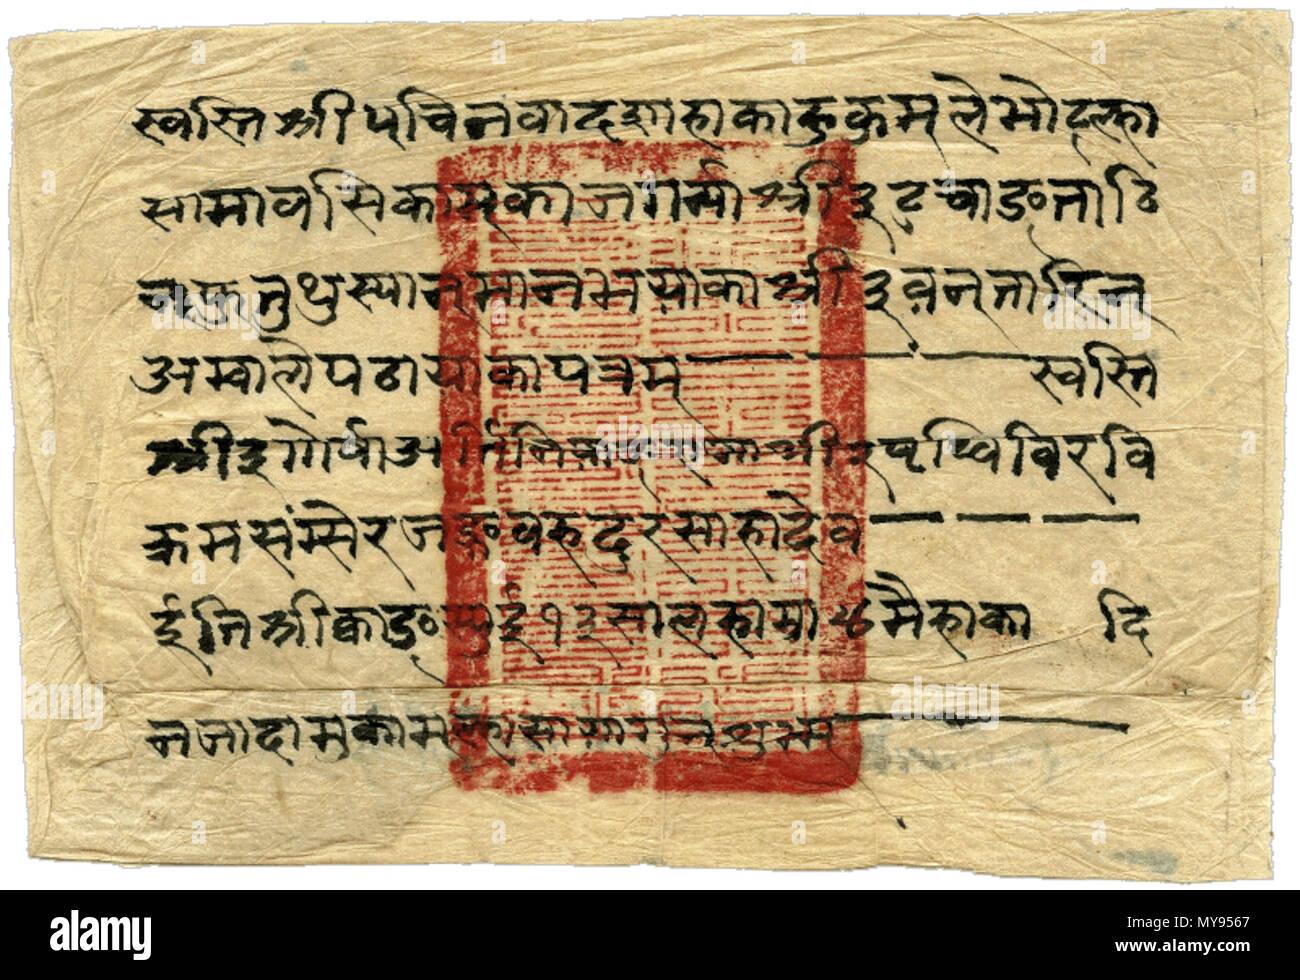 Englisch Ein Schreiben Der Amban Wen Shuo 文碩 Von Tibet Qing